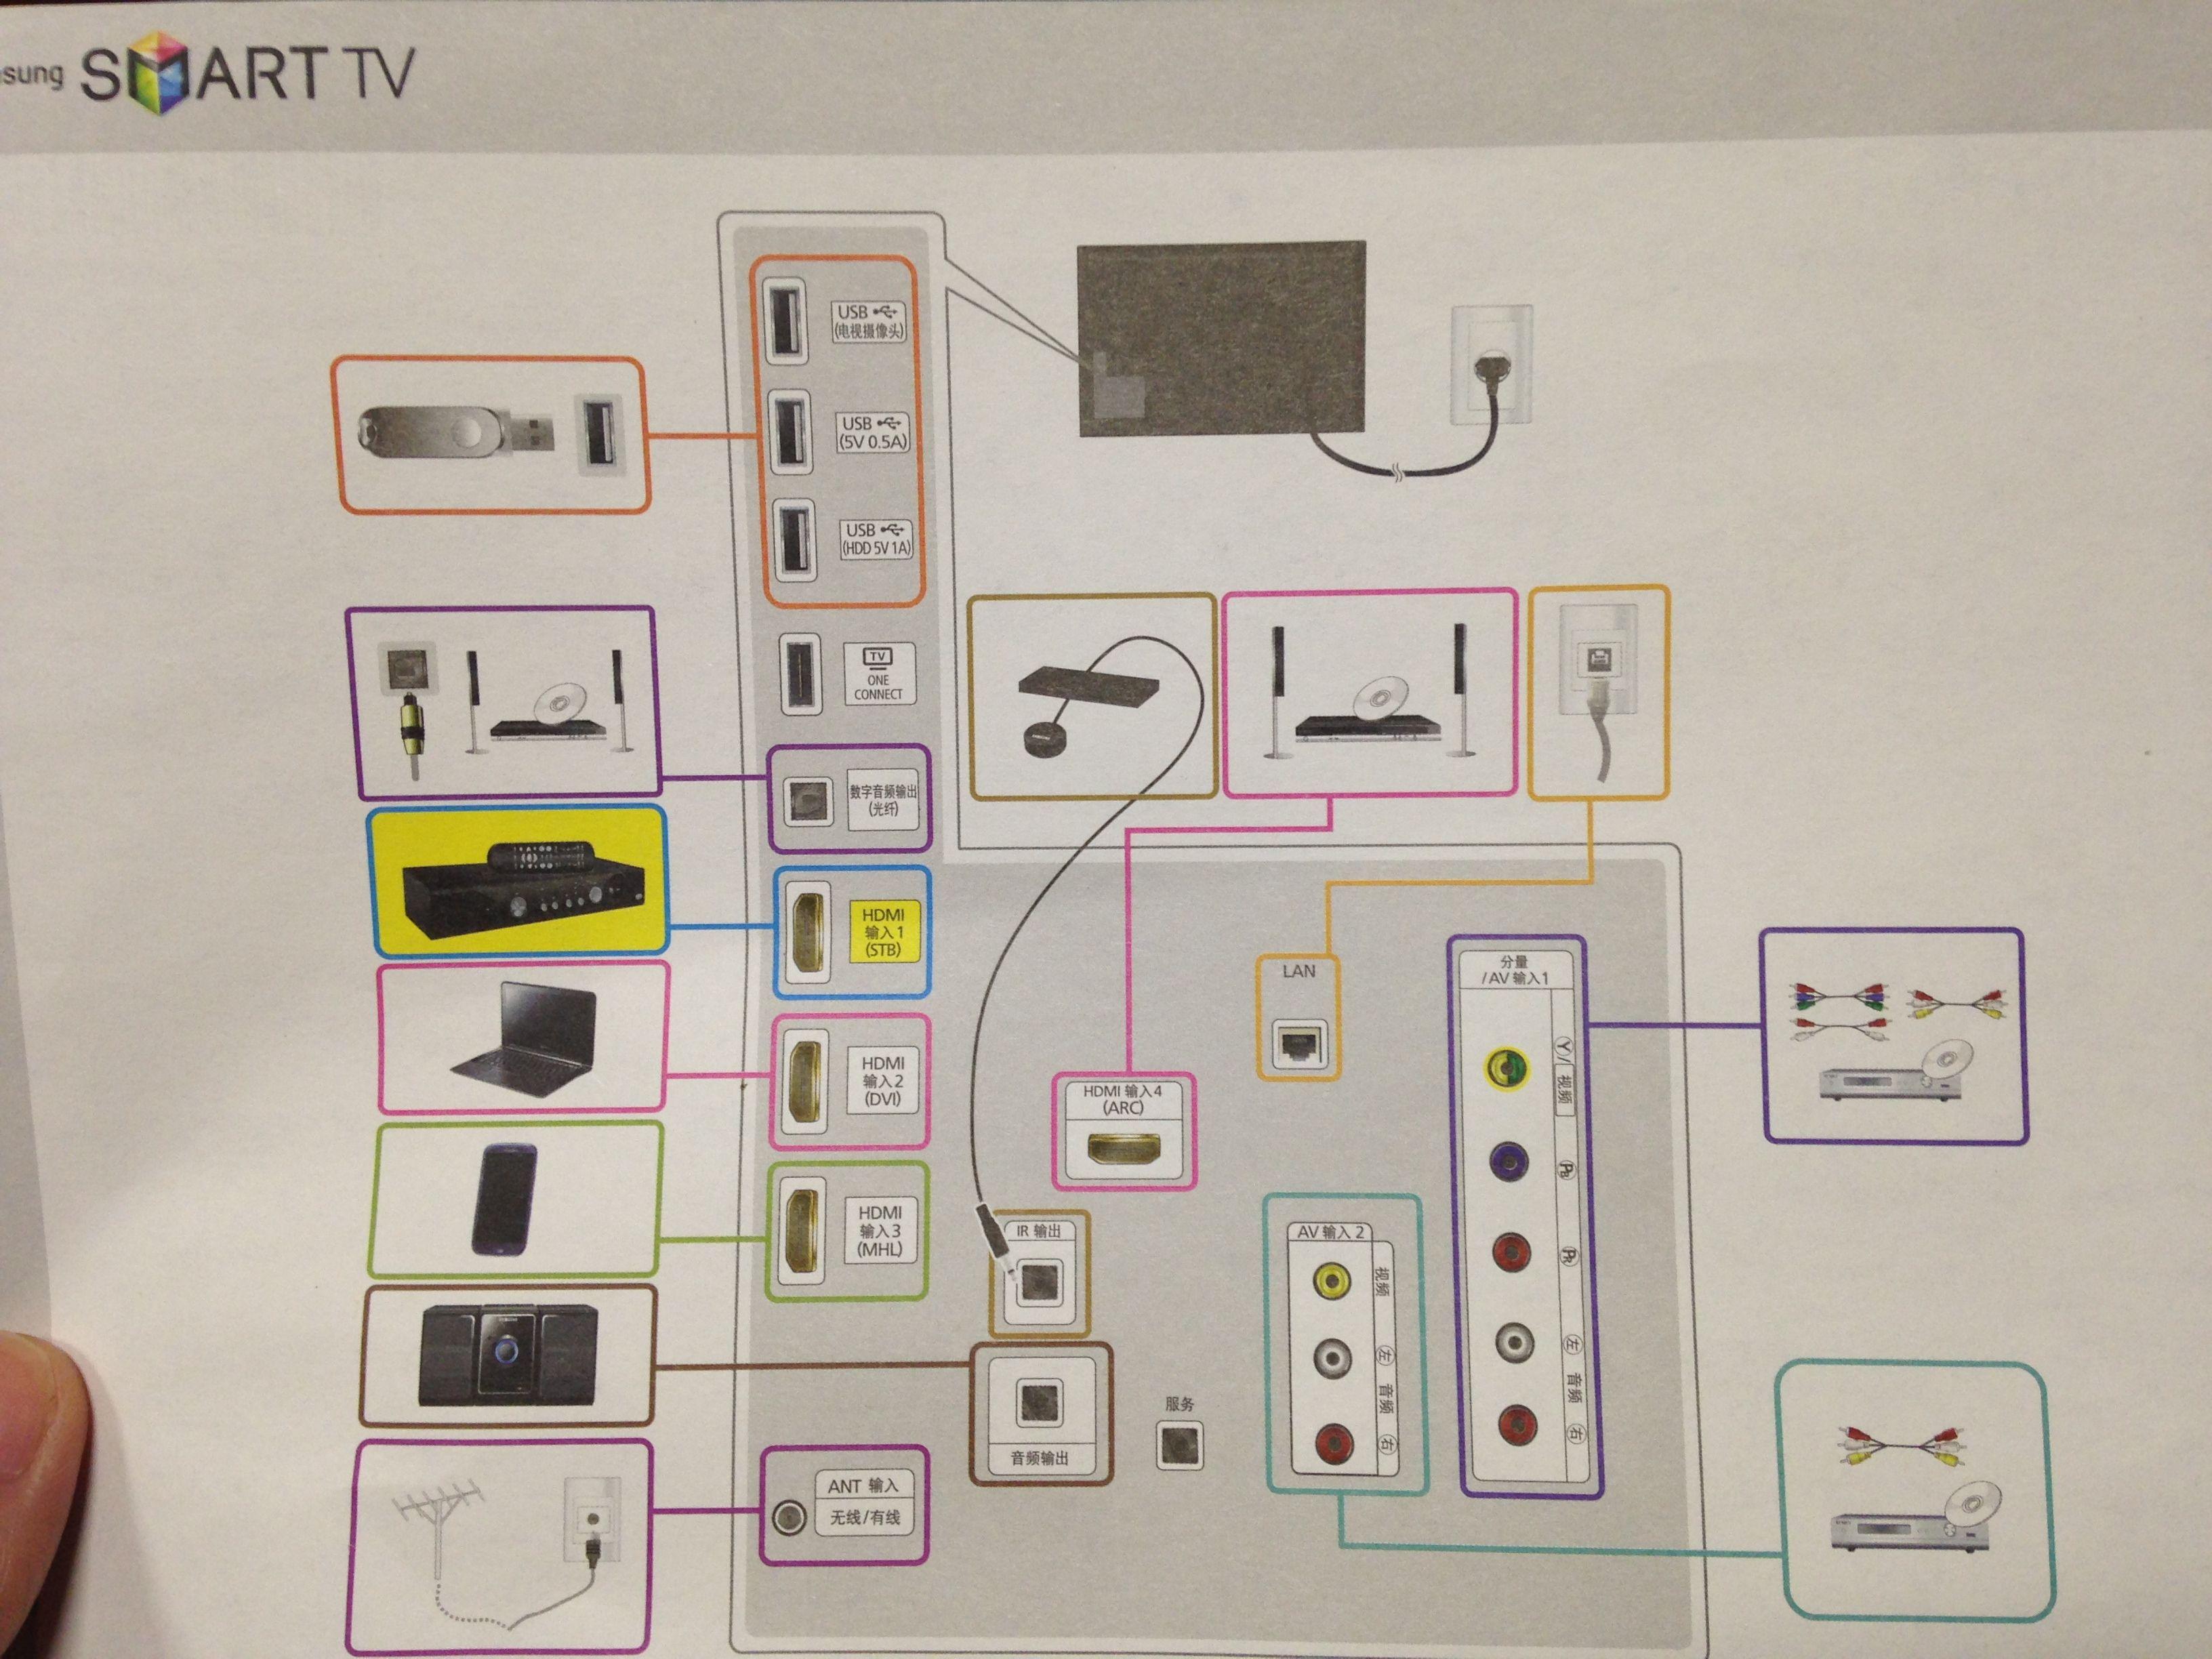 请问最好效果连接三星电视,家庭影院,机顶盒,4k影库的